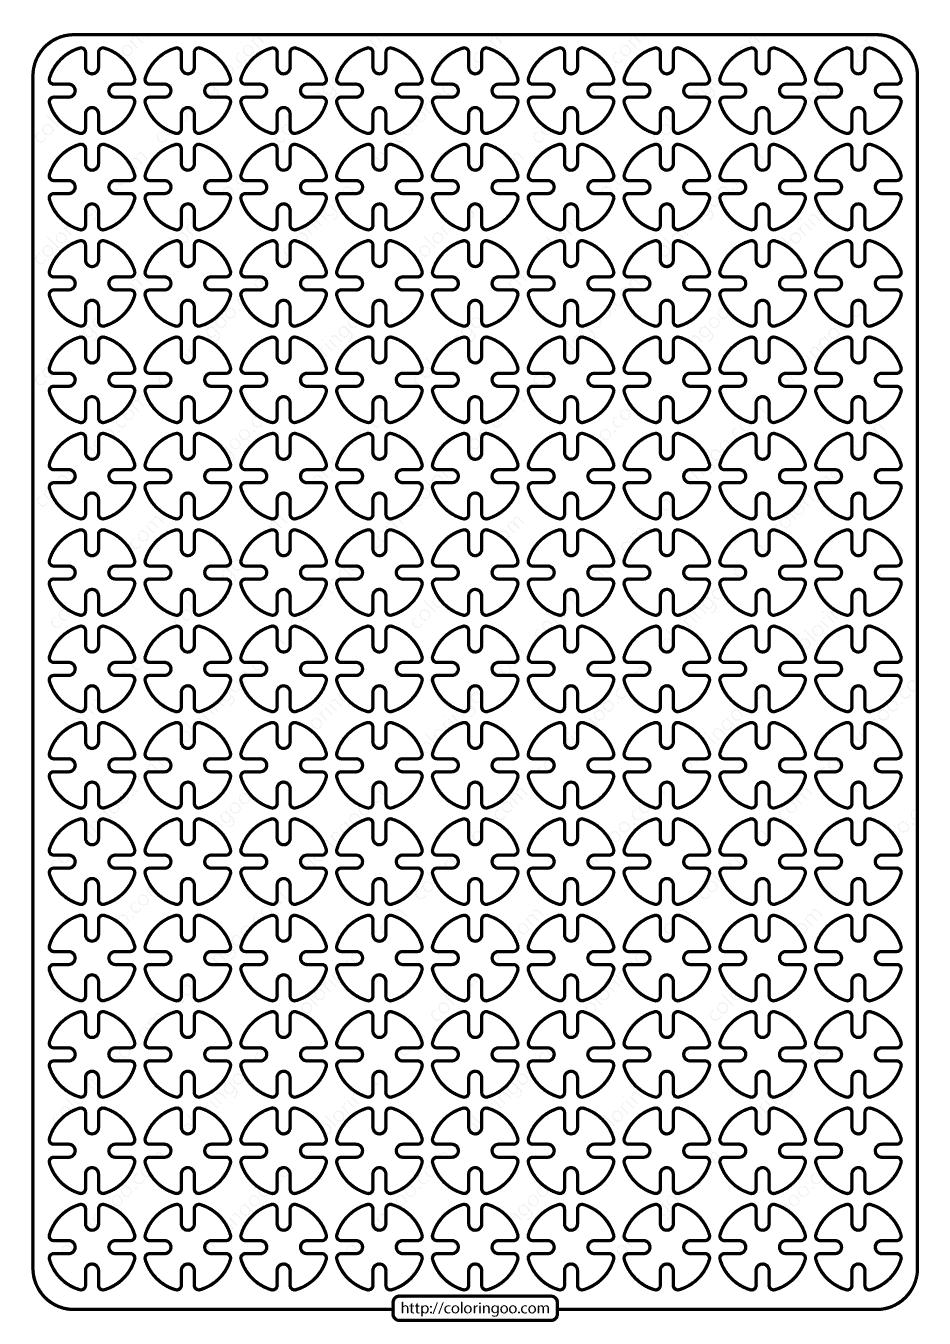 Free Printable Geometric Pattern PDF Book 006